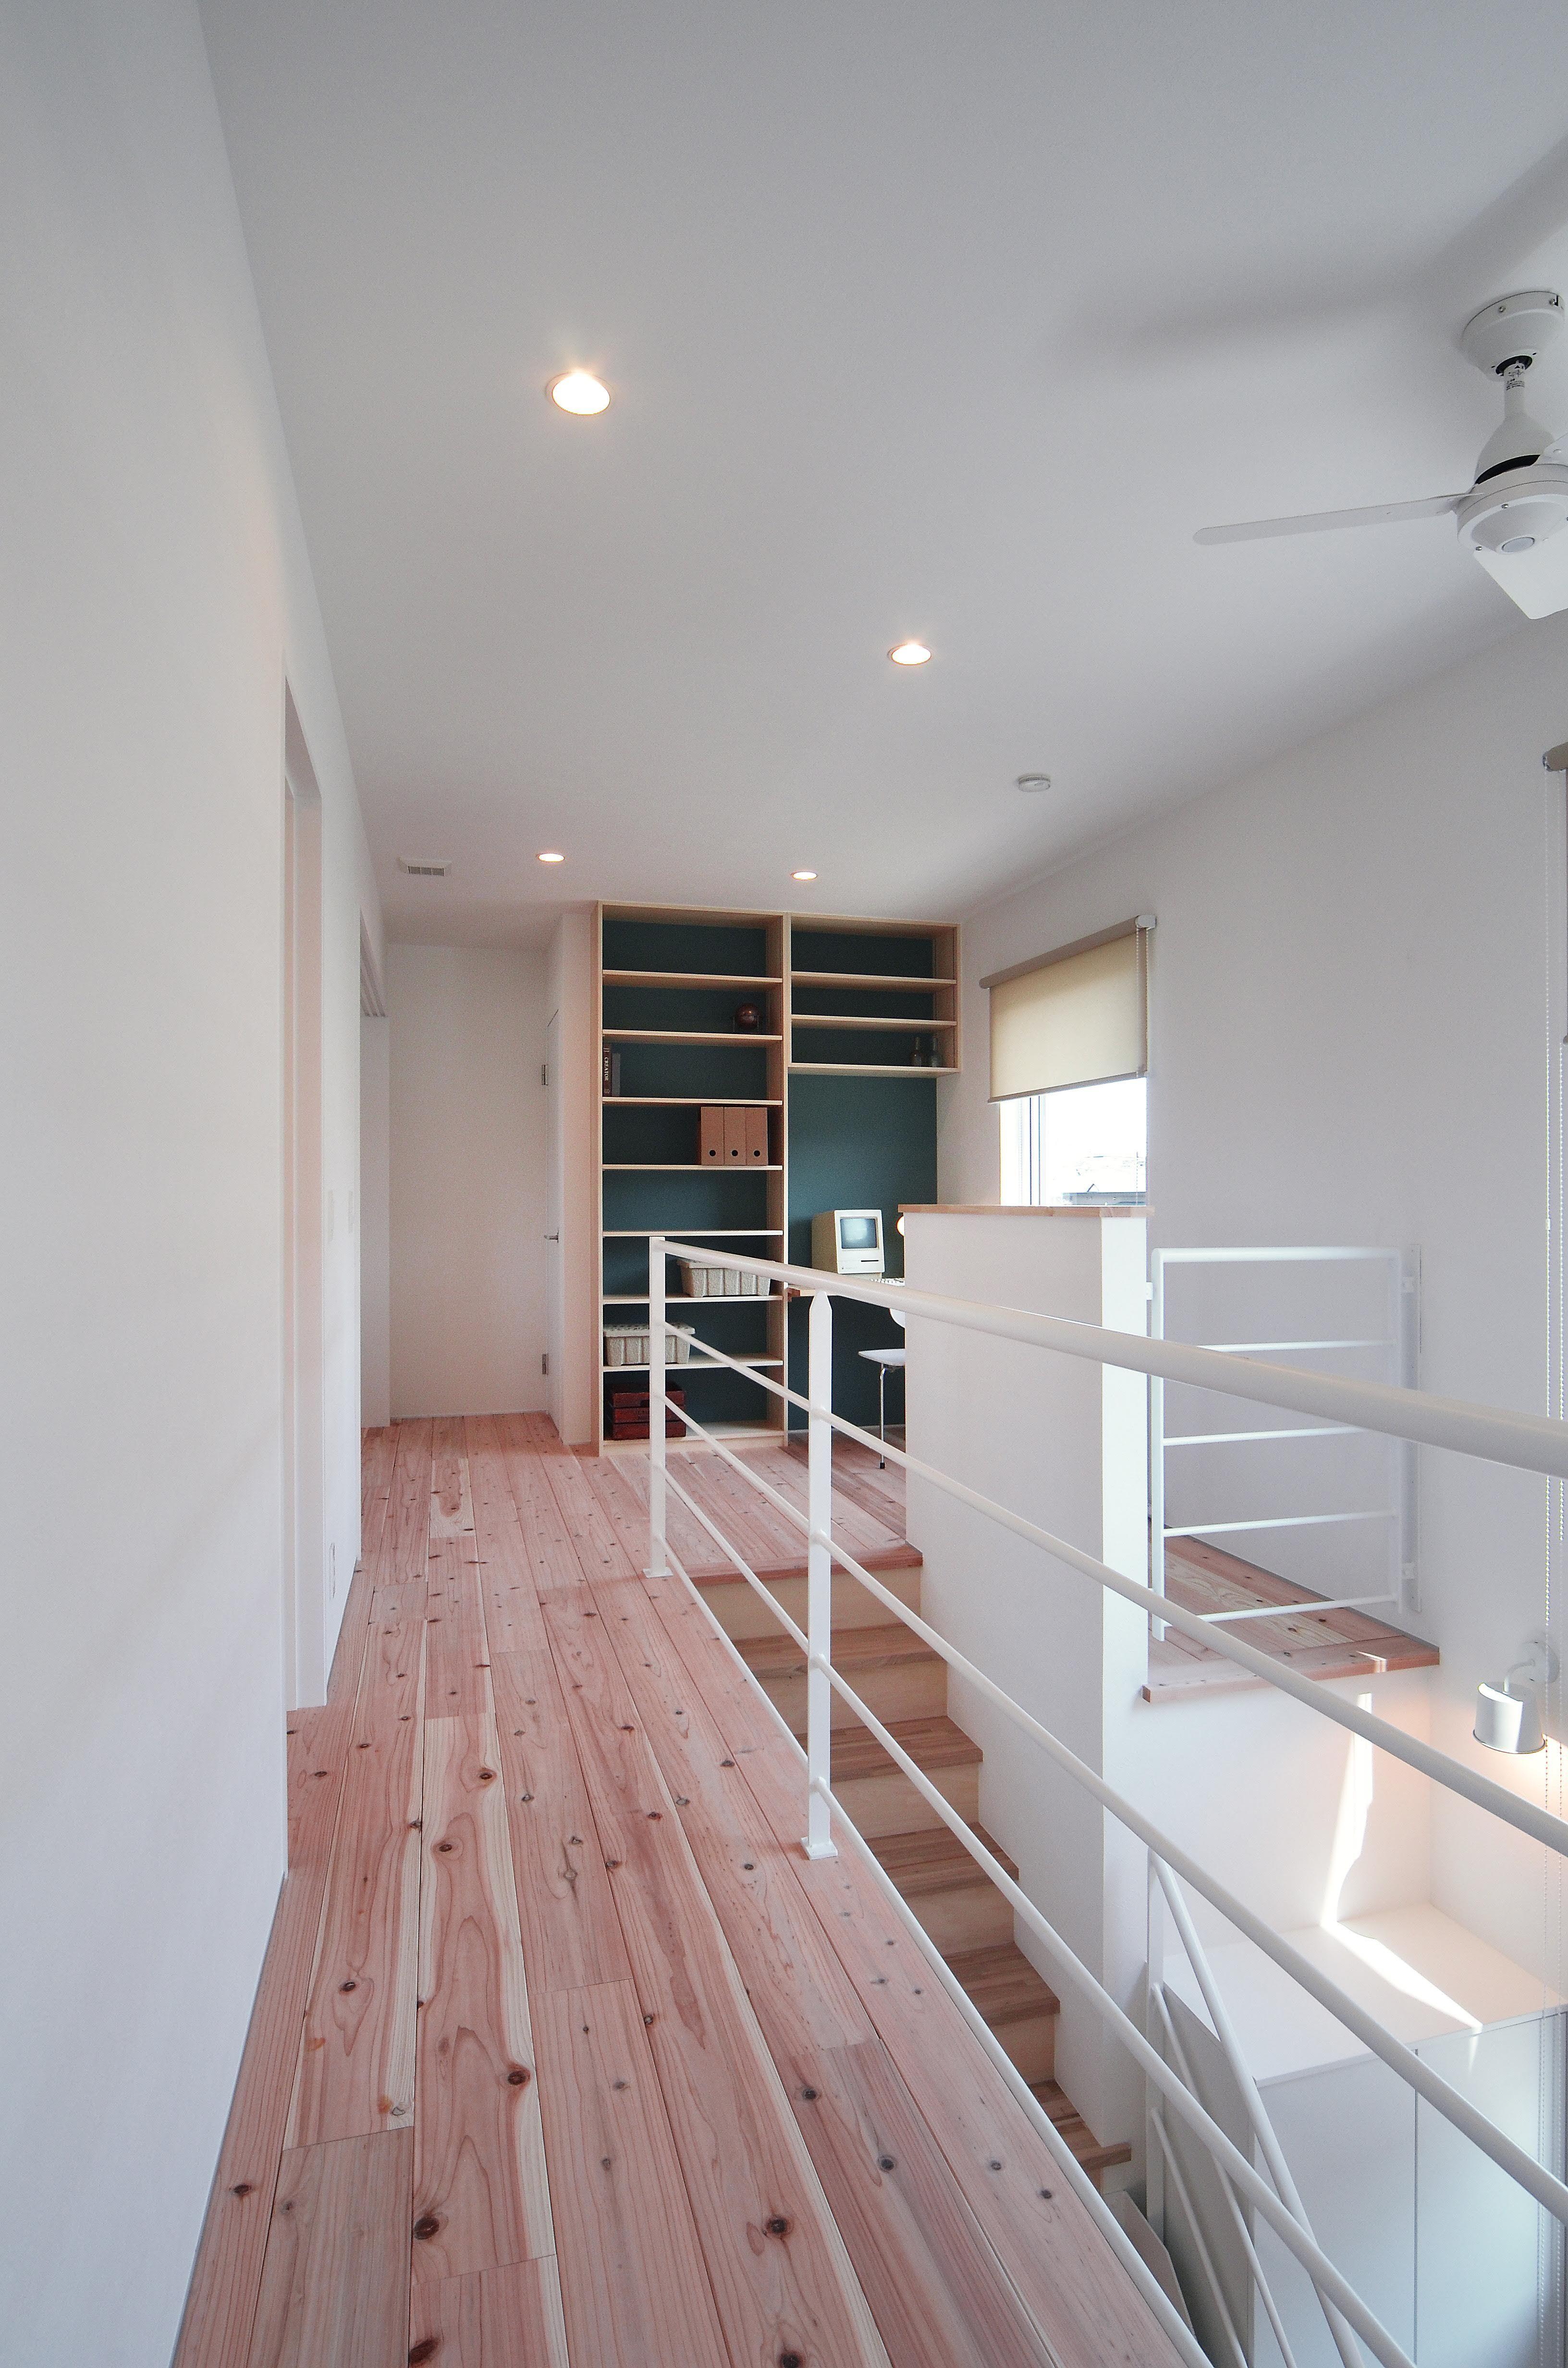 収納棚の背面にアクセント壁 収納としてだけでなく 飾り棚としても